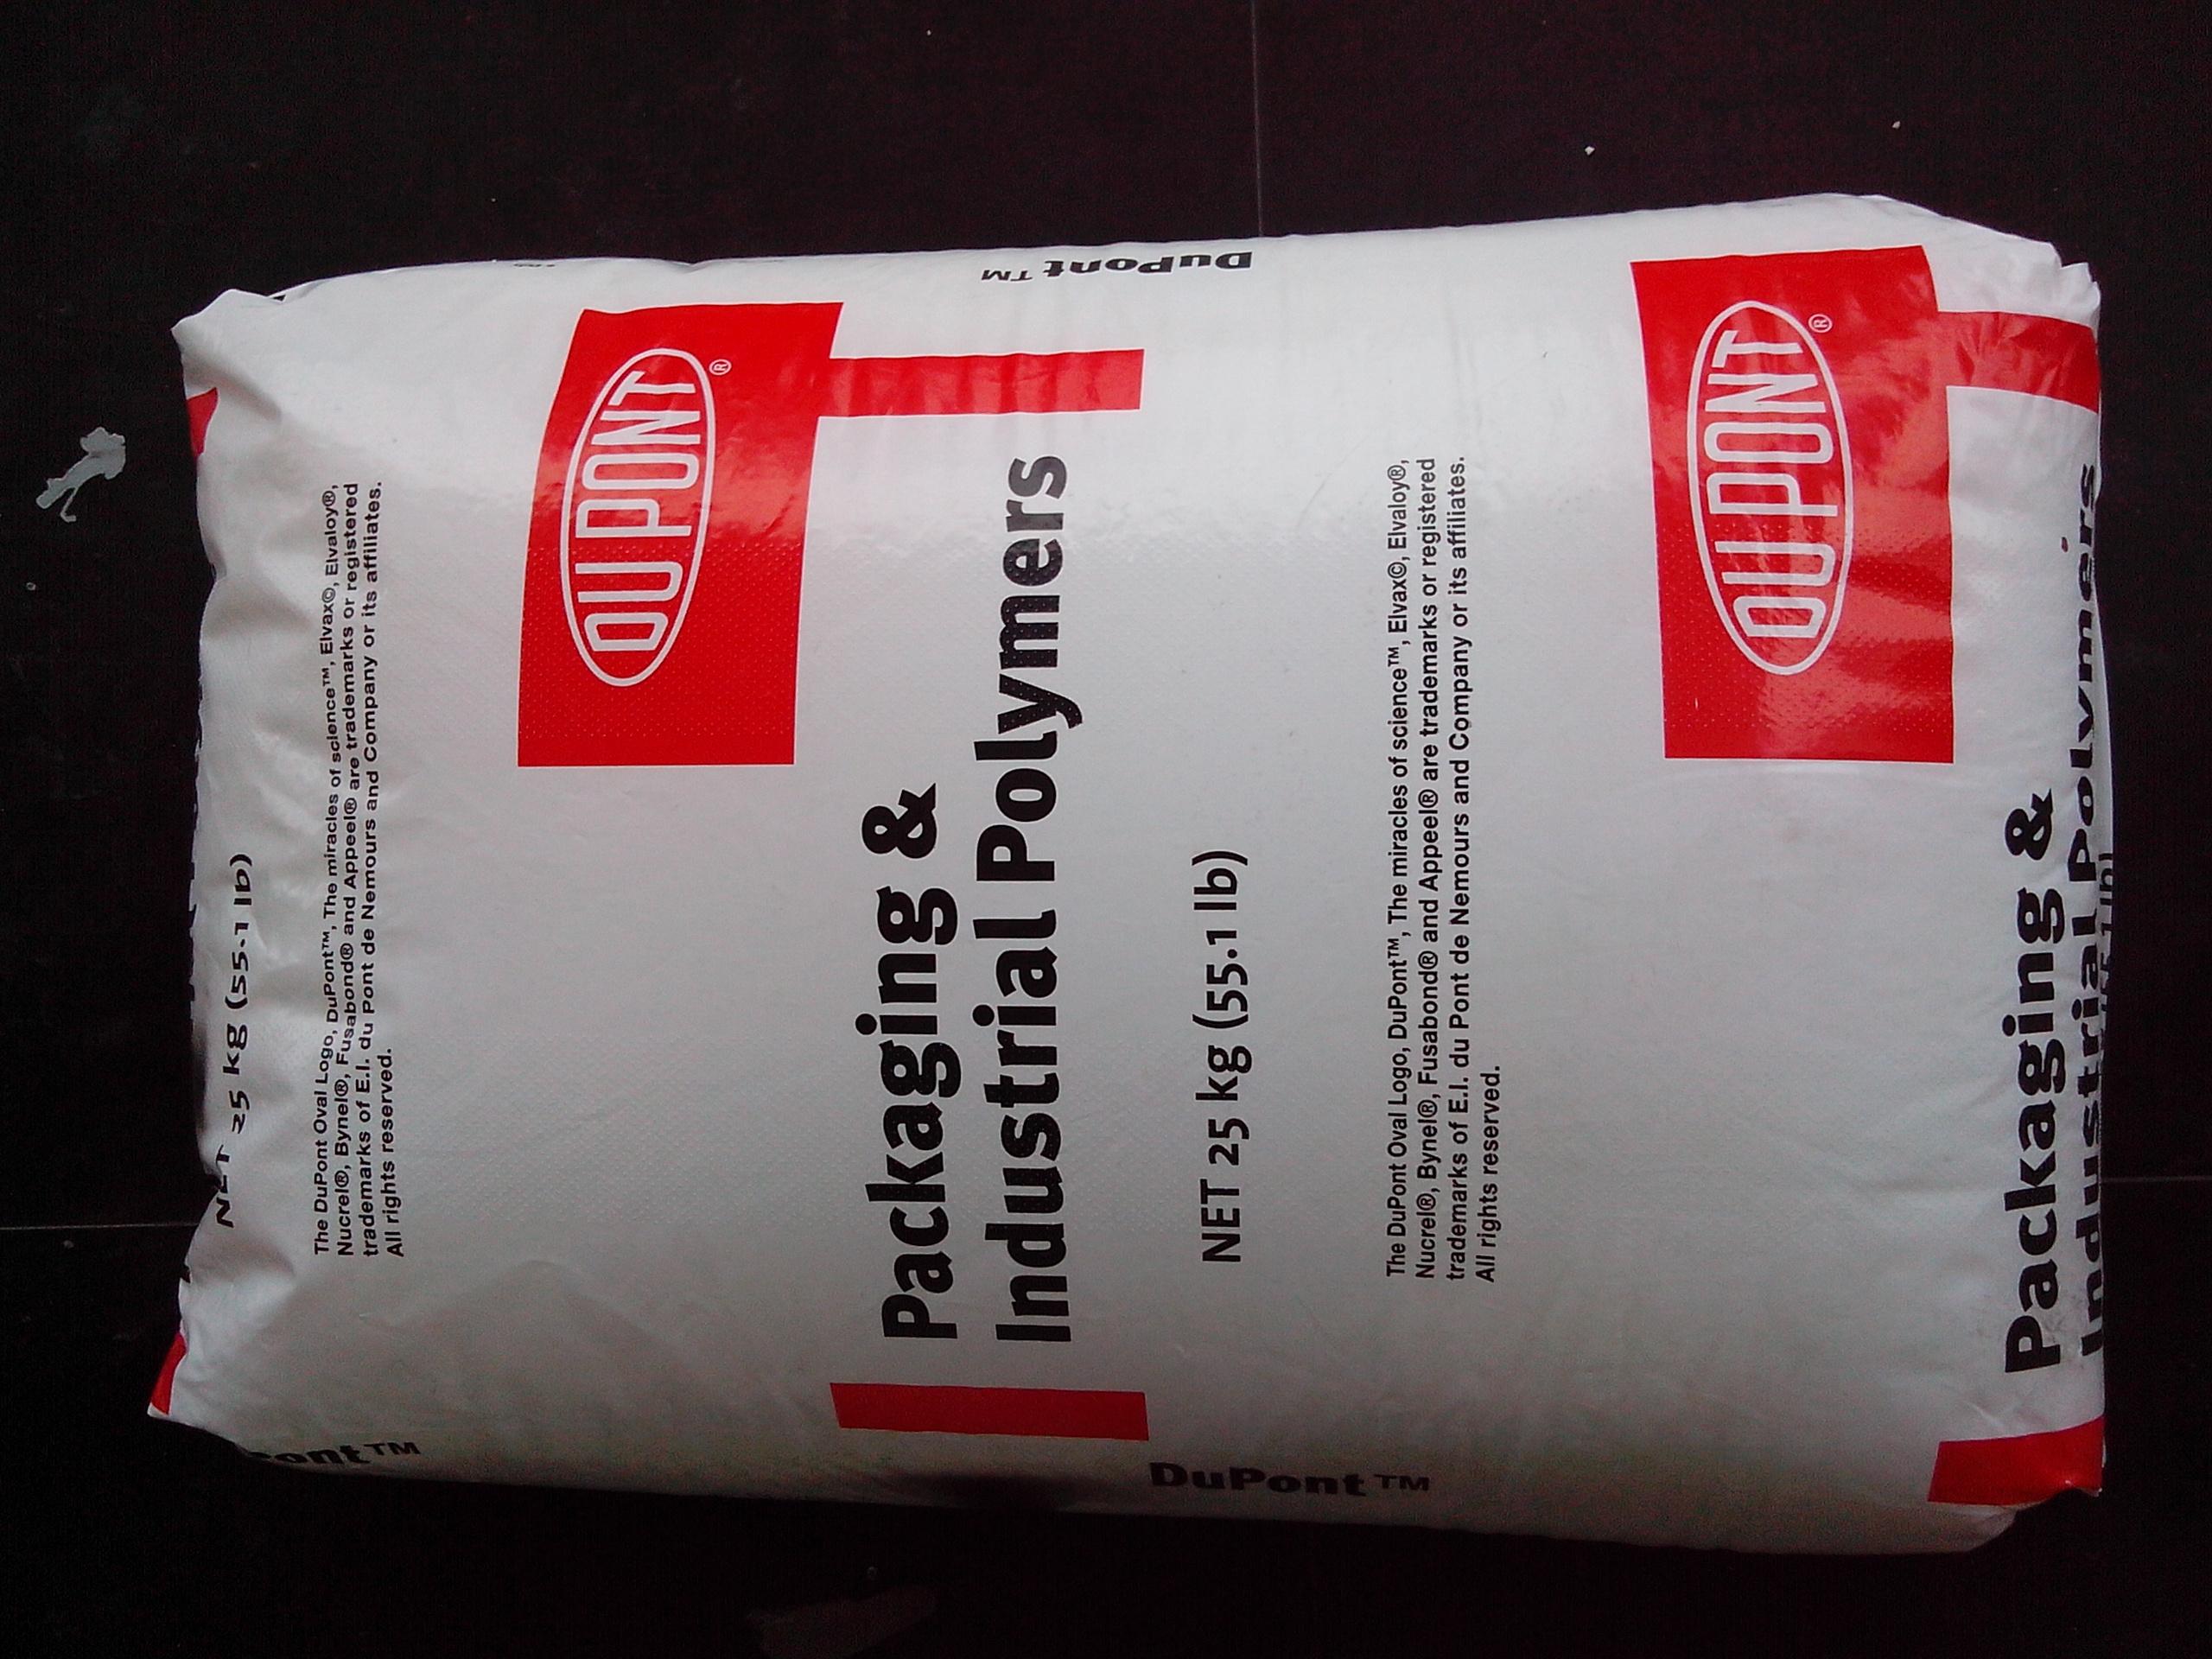 EVA塑胶原料 热熔级 密封剂粘合剂 美国杜邦 150